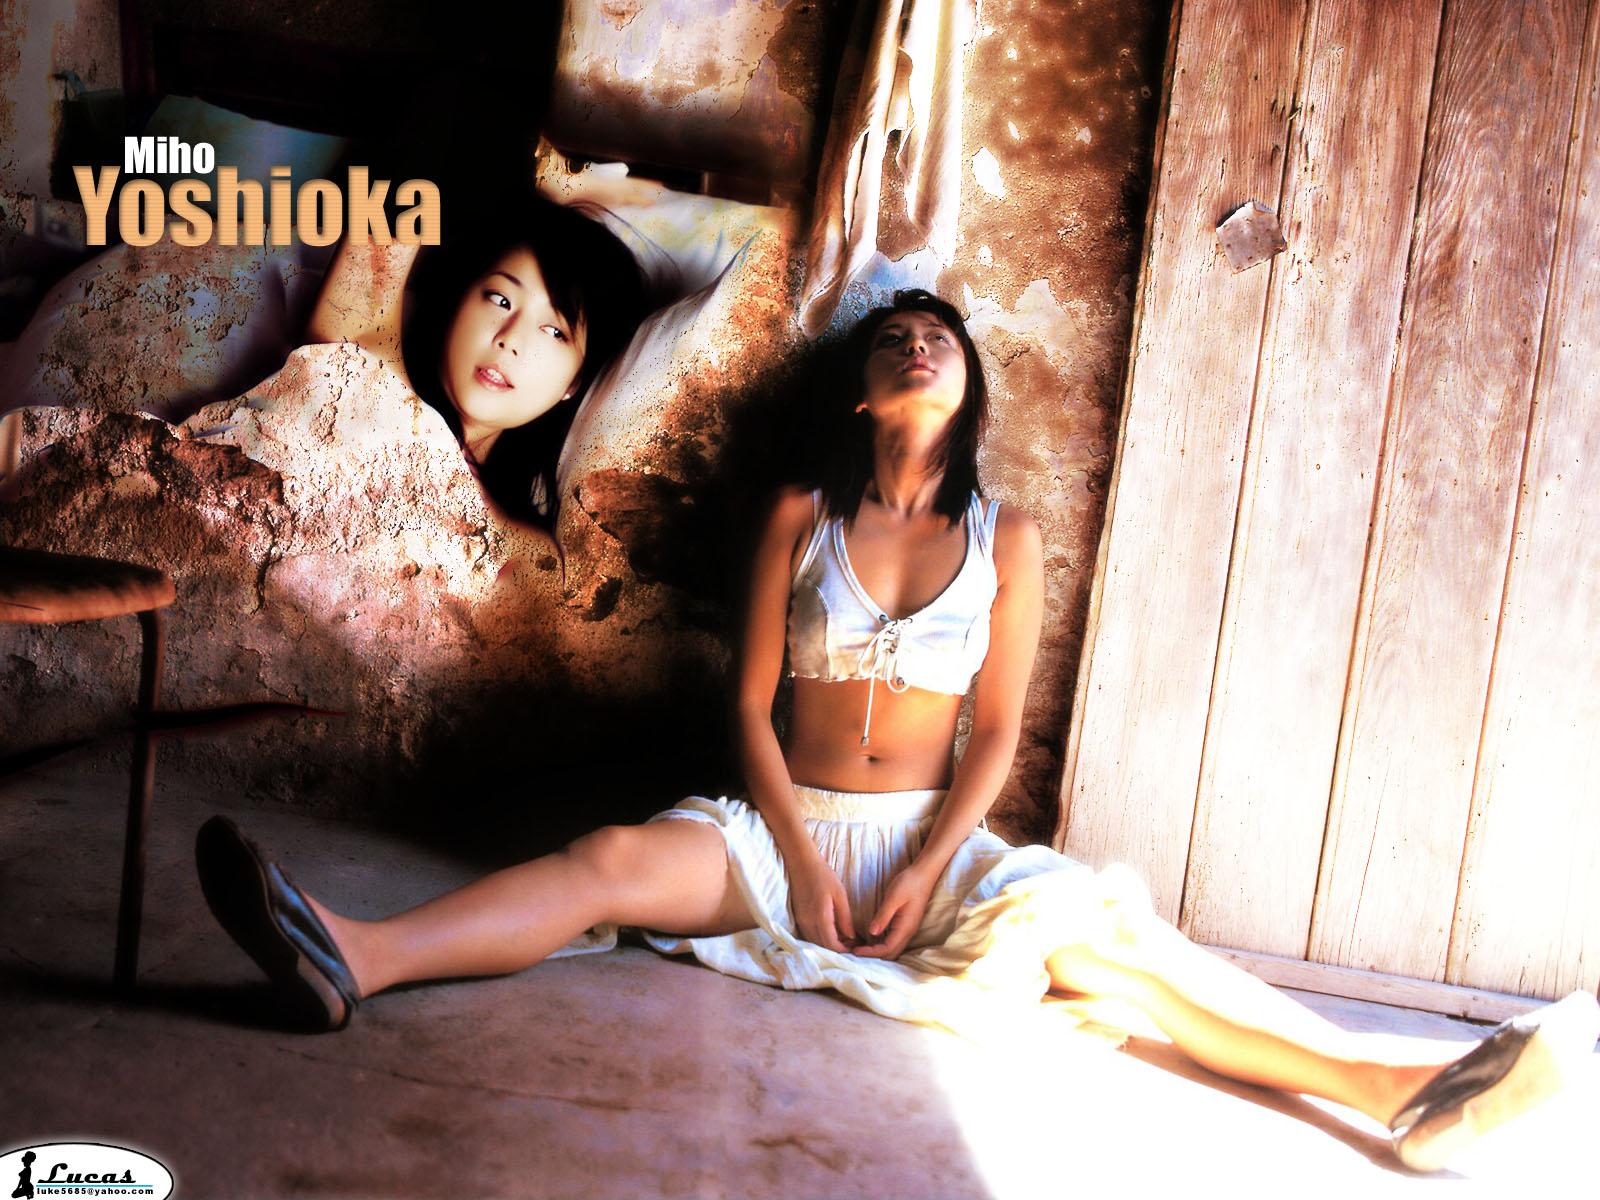 Miho kaneko 1 136 images quotes -  9 Pin Images Of Miho Kanekomiho Kanekopictures Kaneko